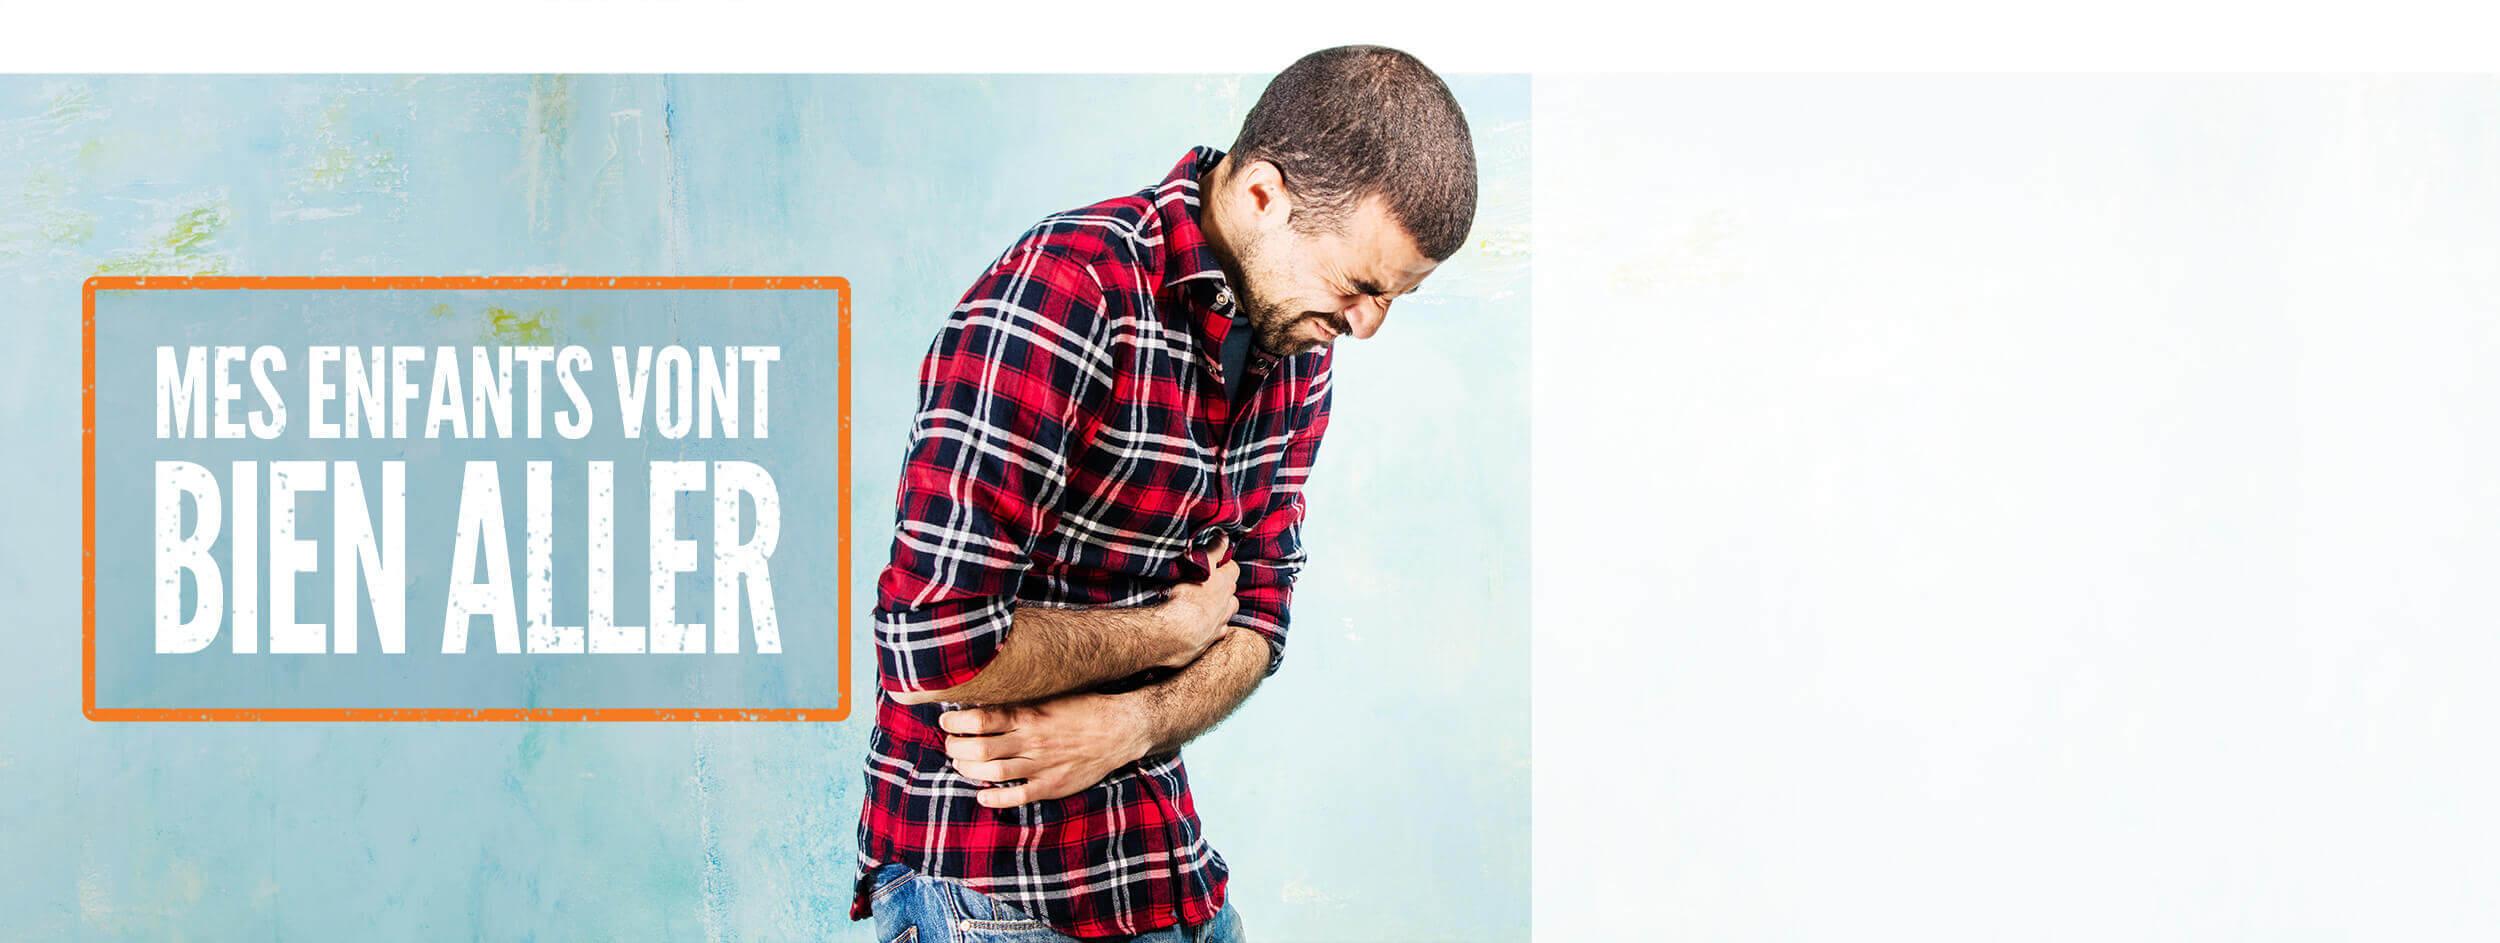 Photo d'un jeune homme souffrant de douleurs abdominales. Le texte « Mes enfants vont bien aller » accompagne la photo.